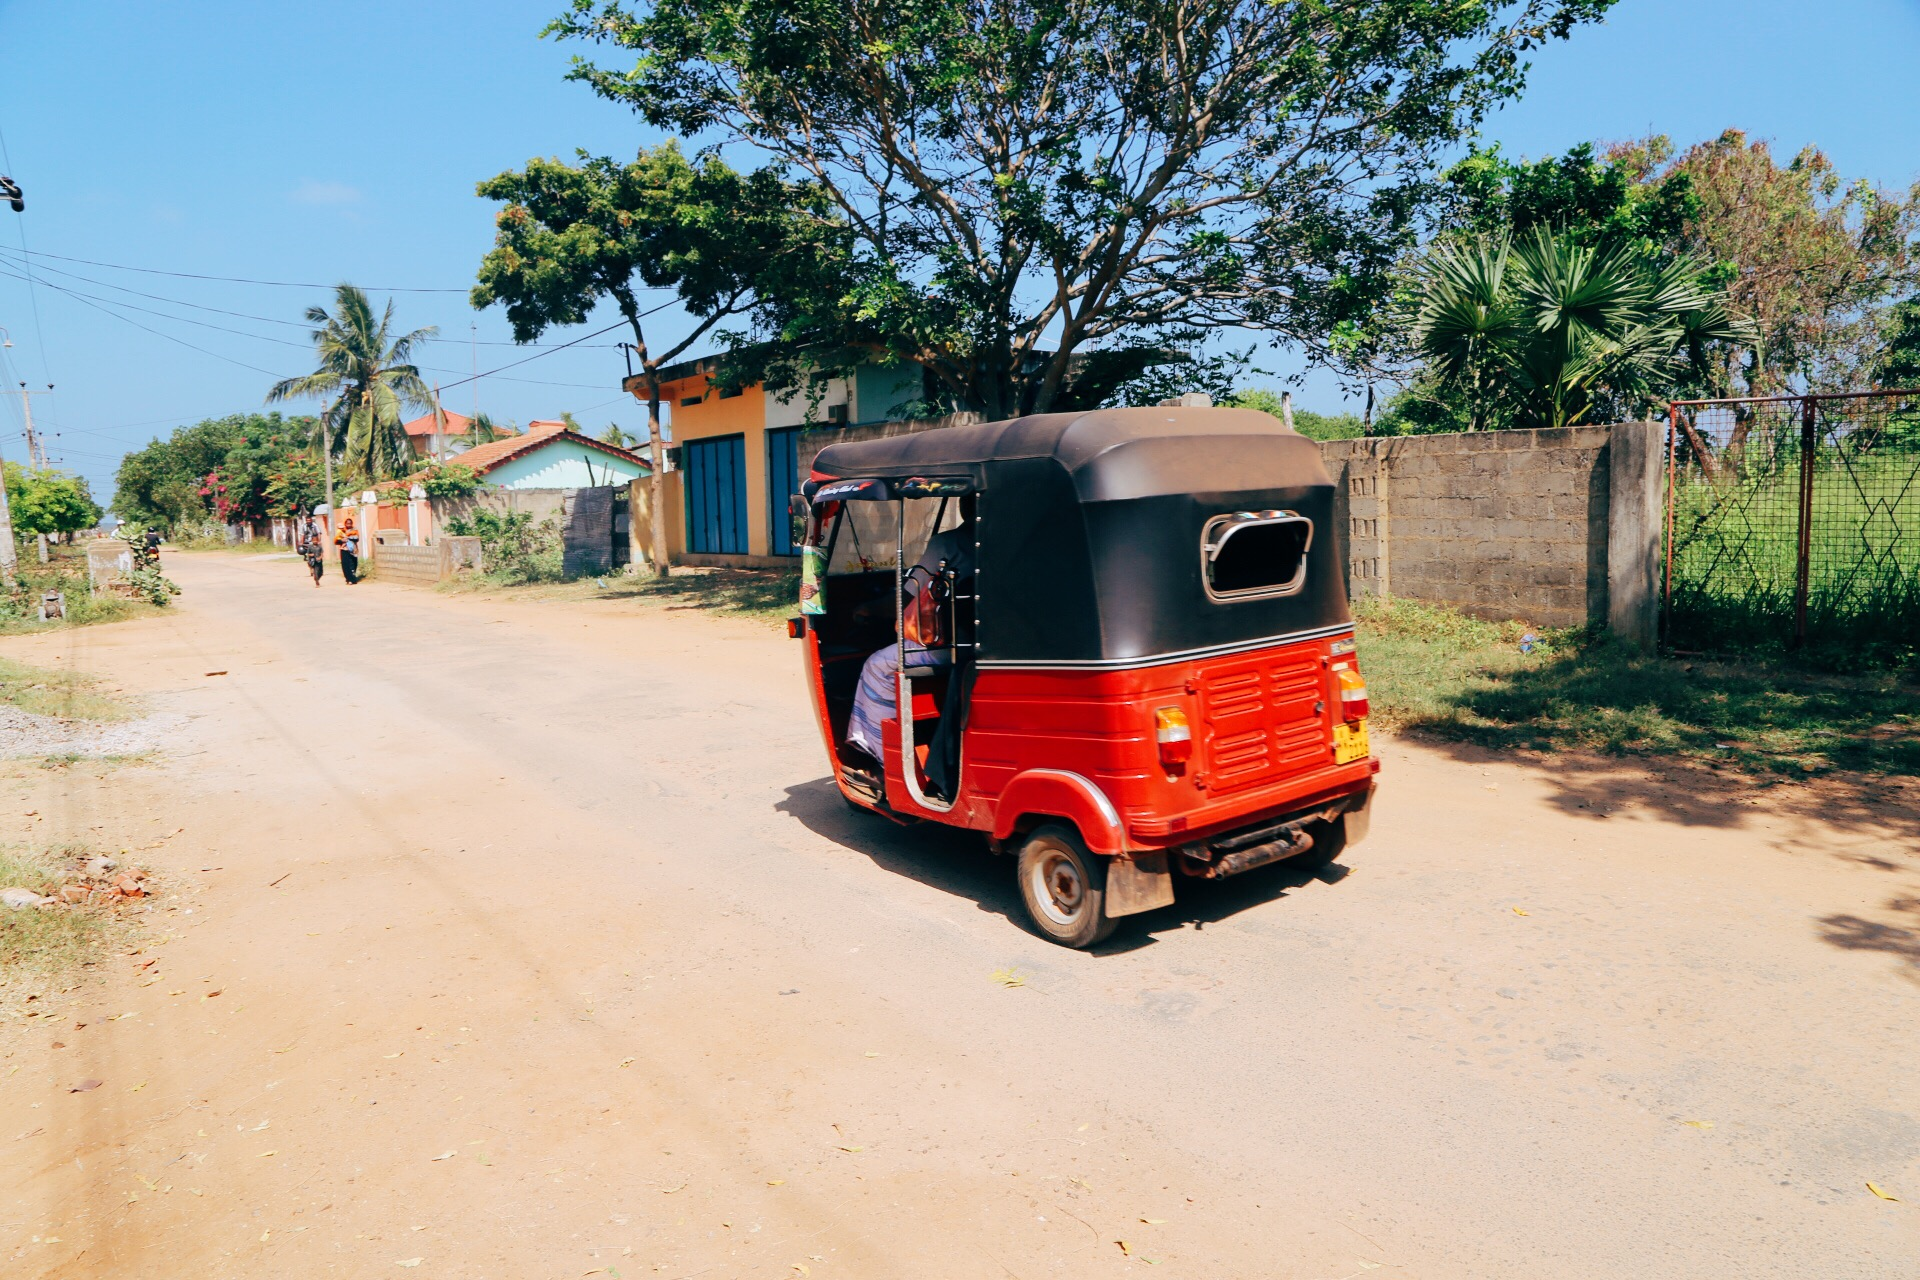 Scenes from Sri Lanka (11)